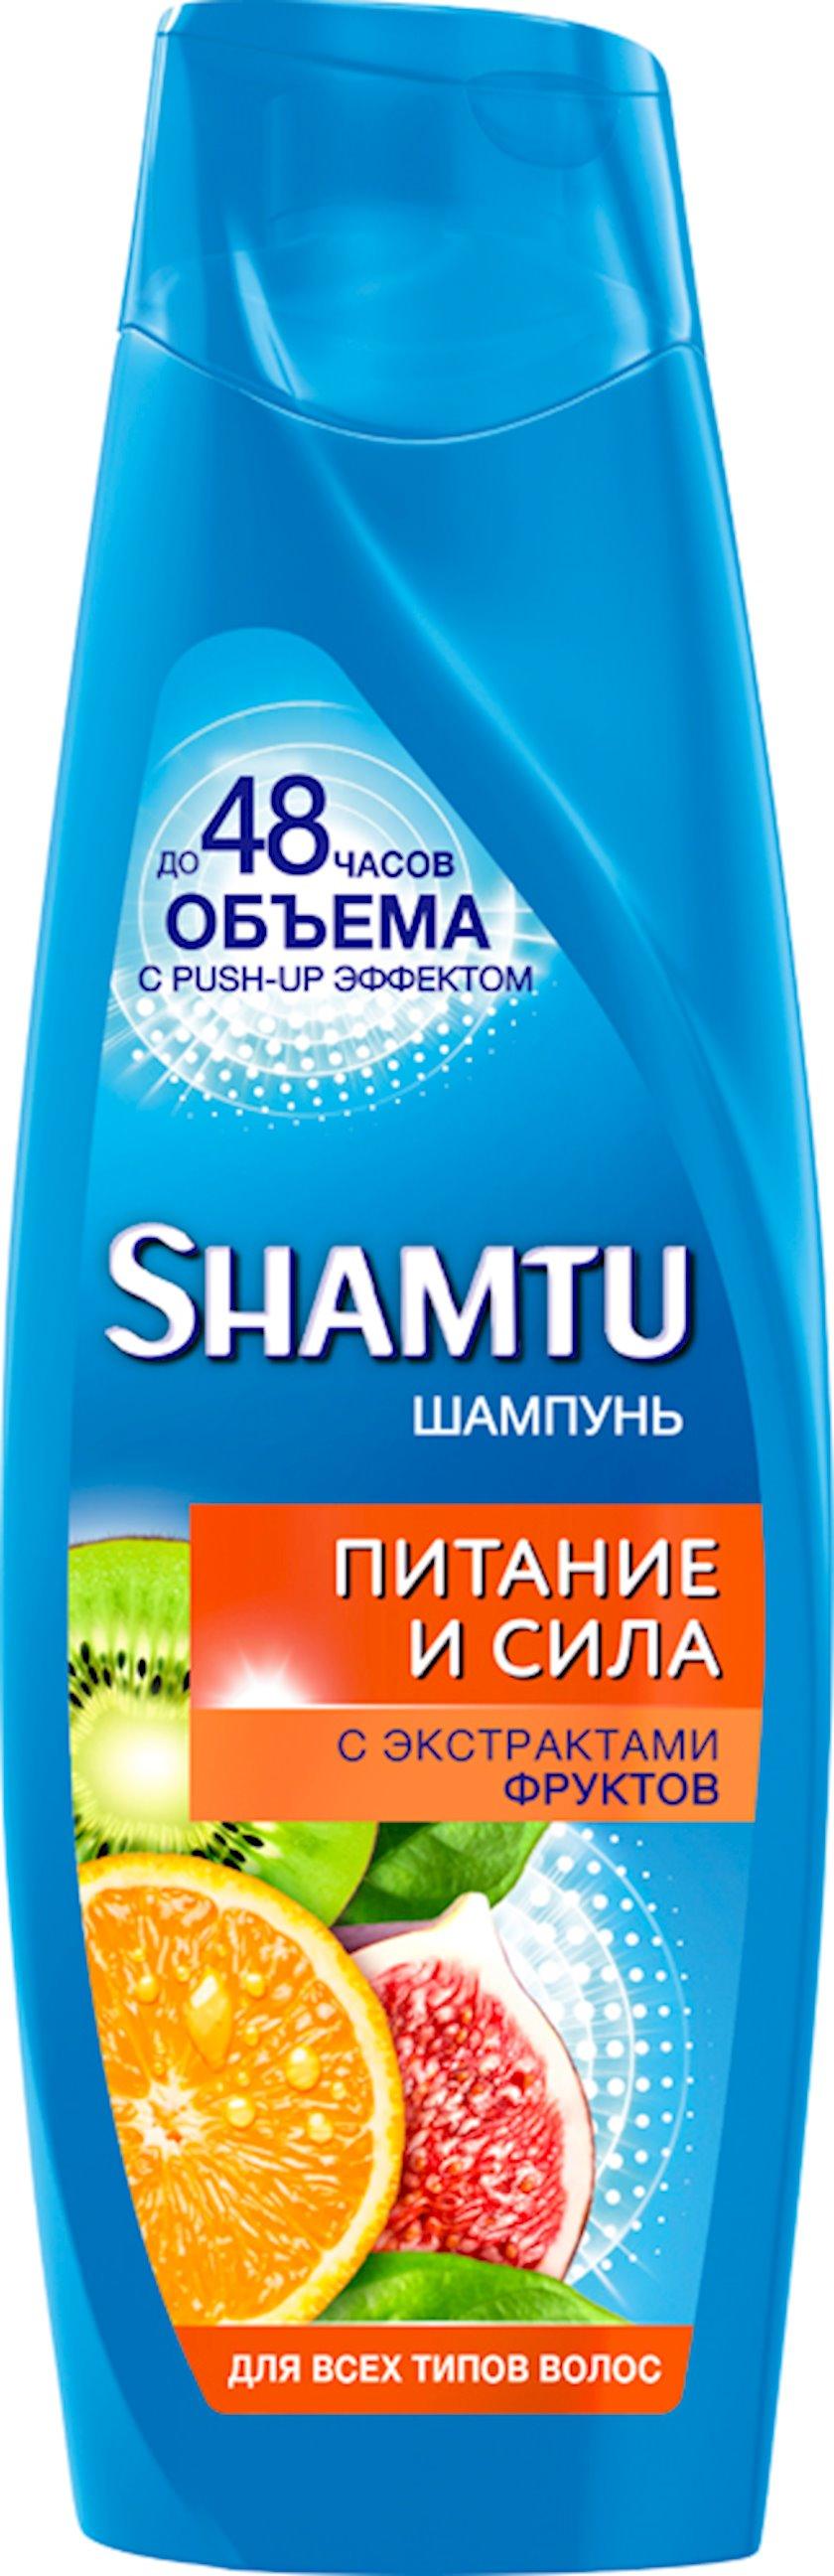 Şampun 100% həcmi, meyvə ekstraktları ilə, bütün saç tipləri üçün Shamtu 360 ml